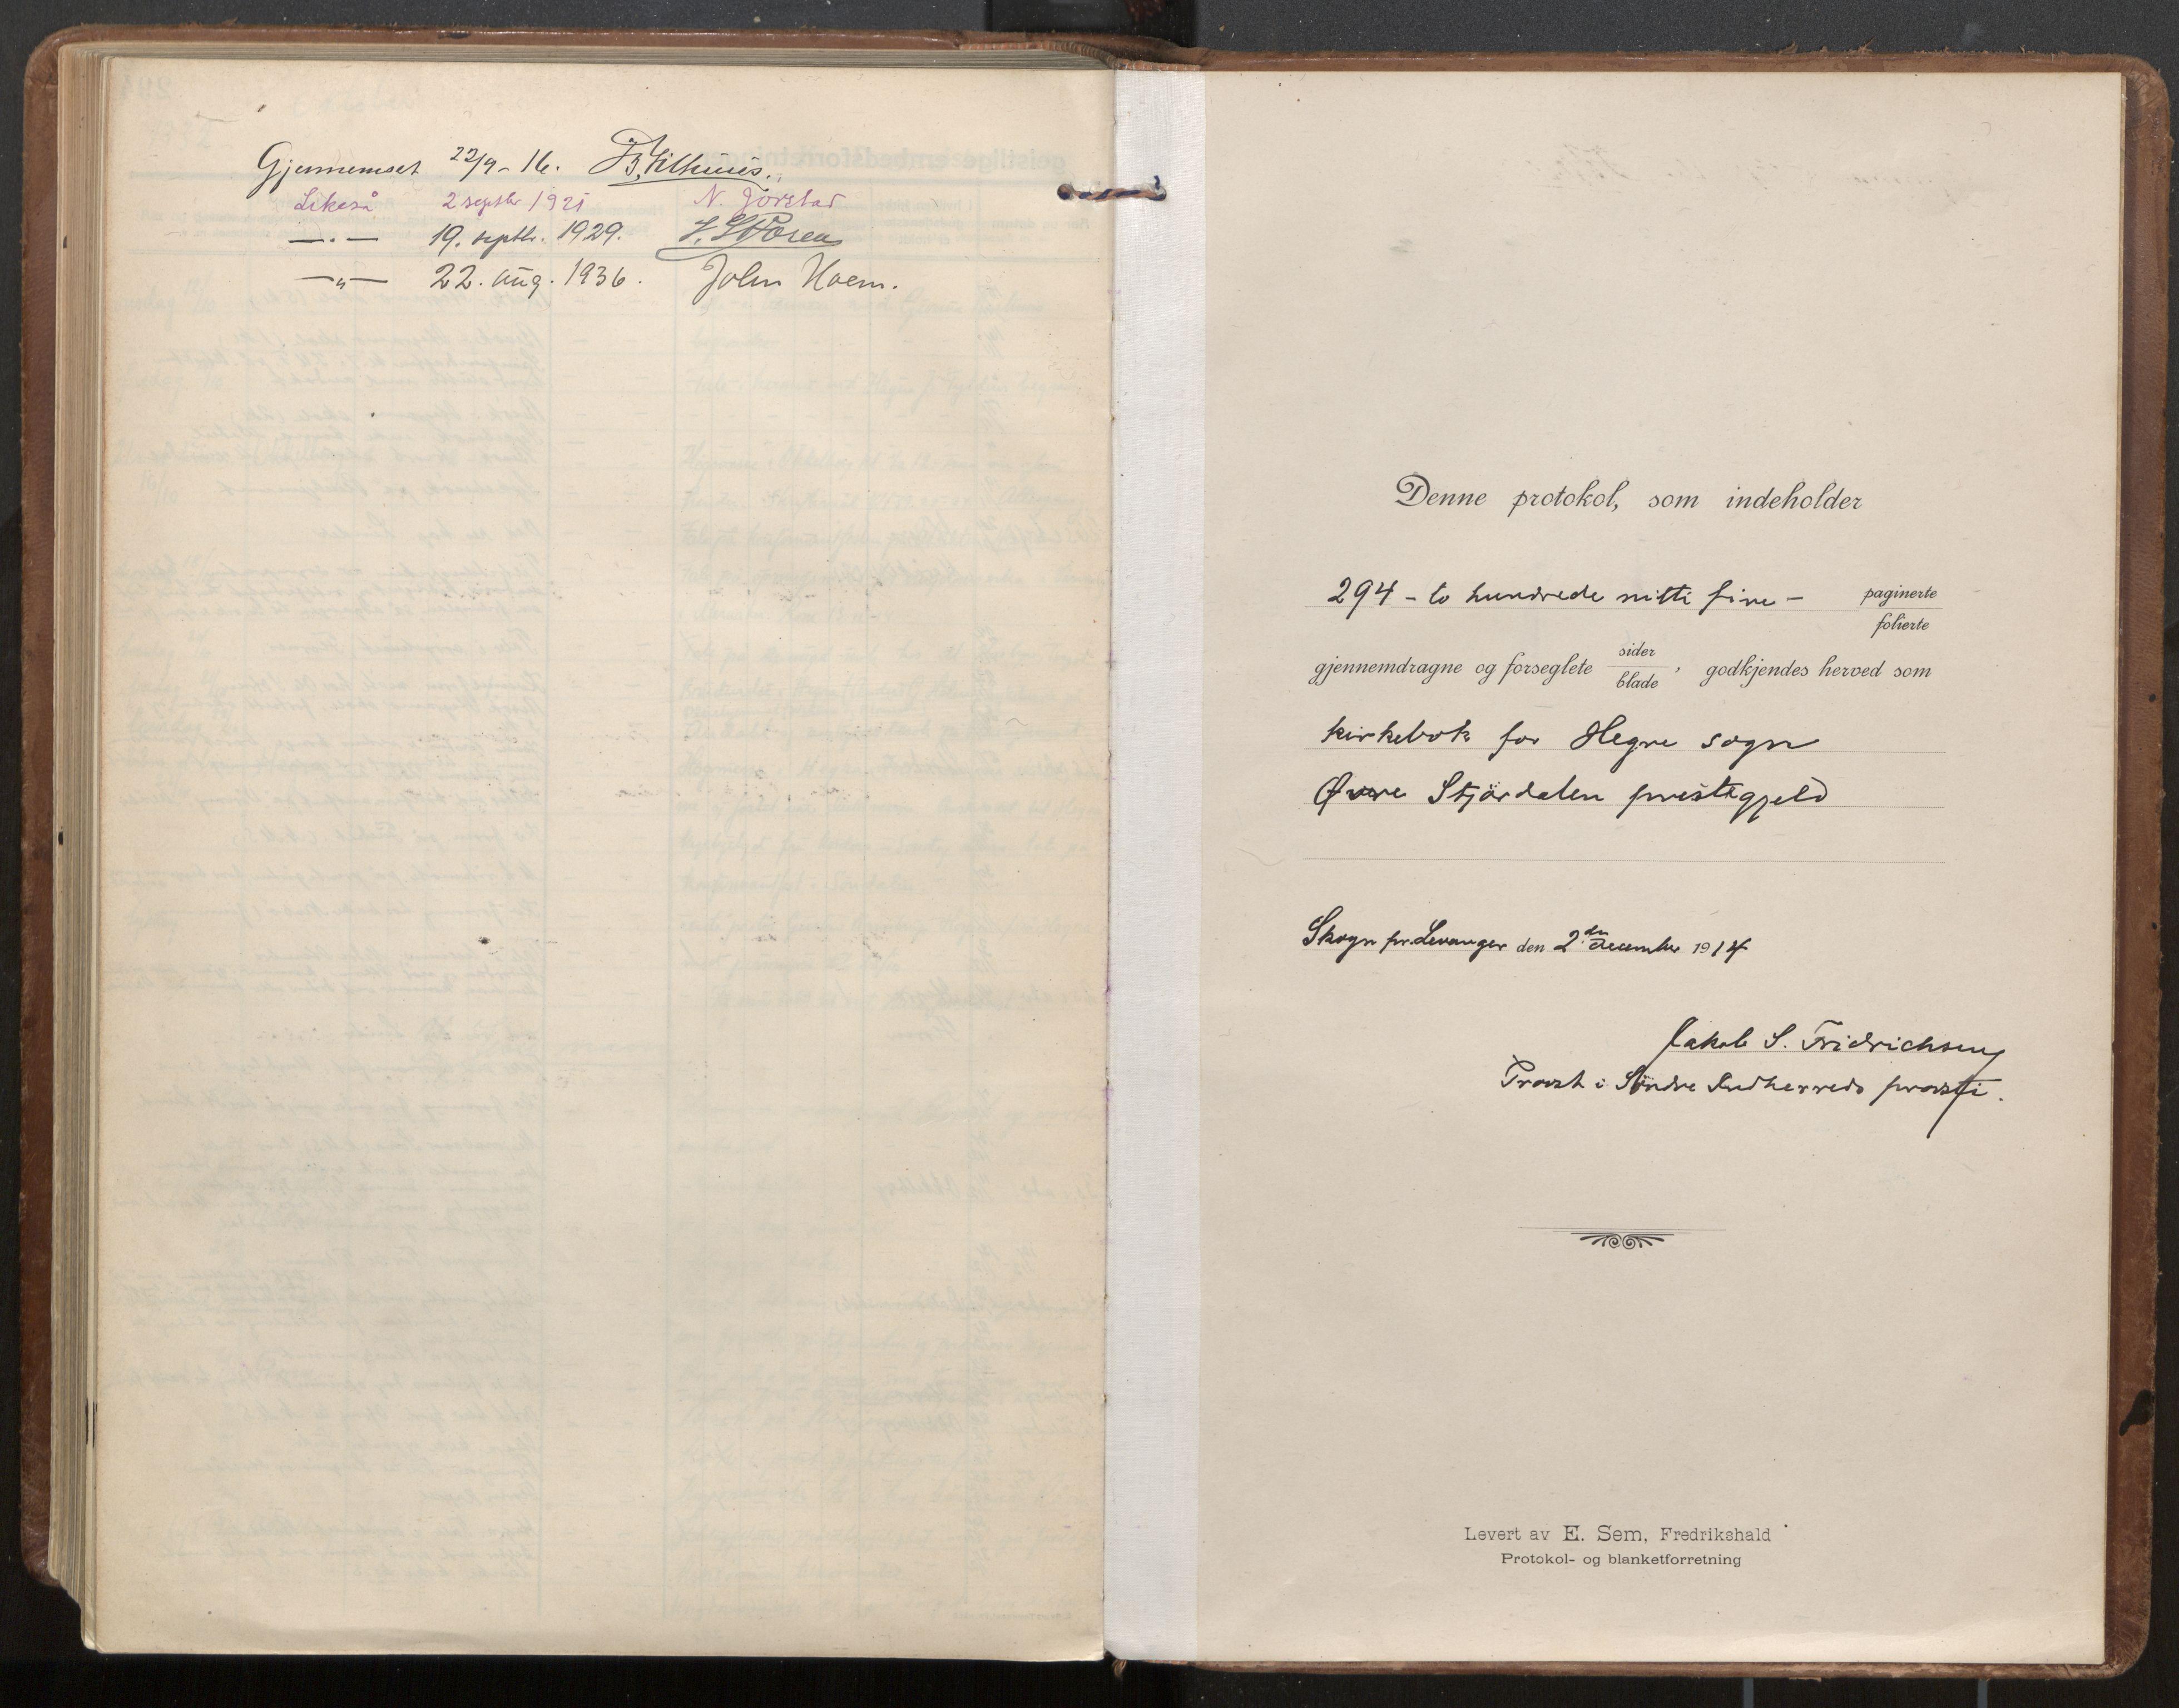 SAT, Ministerialprotokoller, klokkerbøker og fødselsregistre - Nord-Trøndelag, 703/L0037: Parish register (official) no. 703A10, 1915-1932